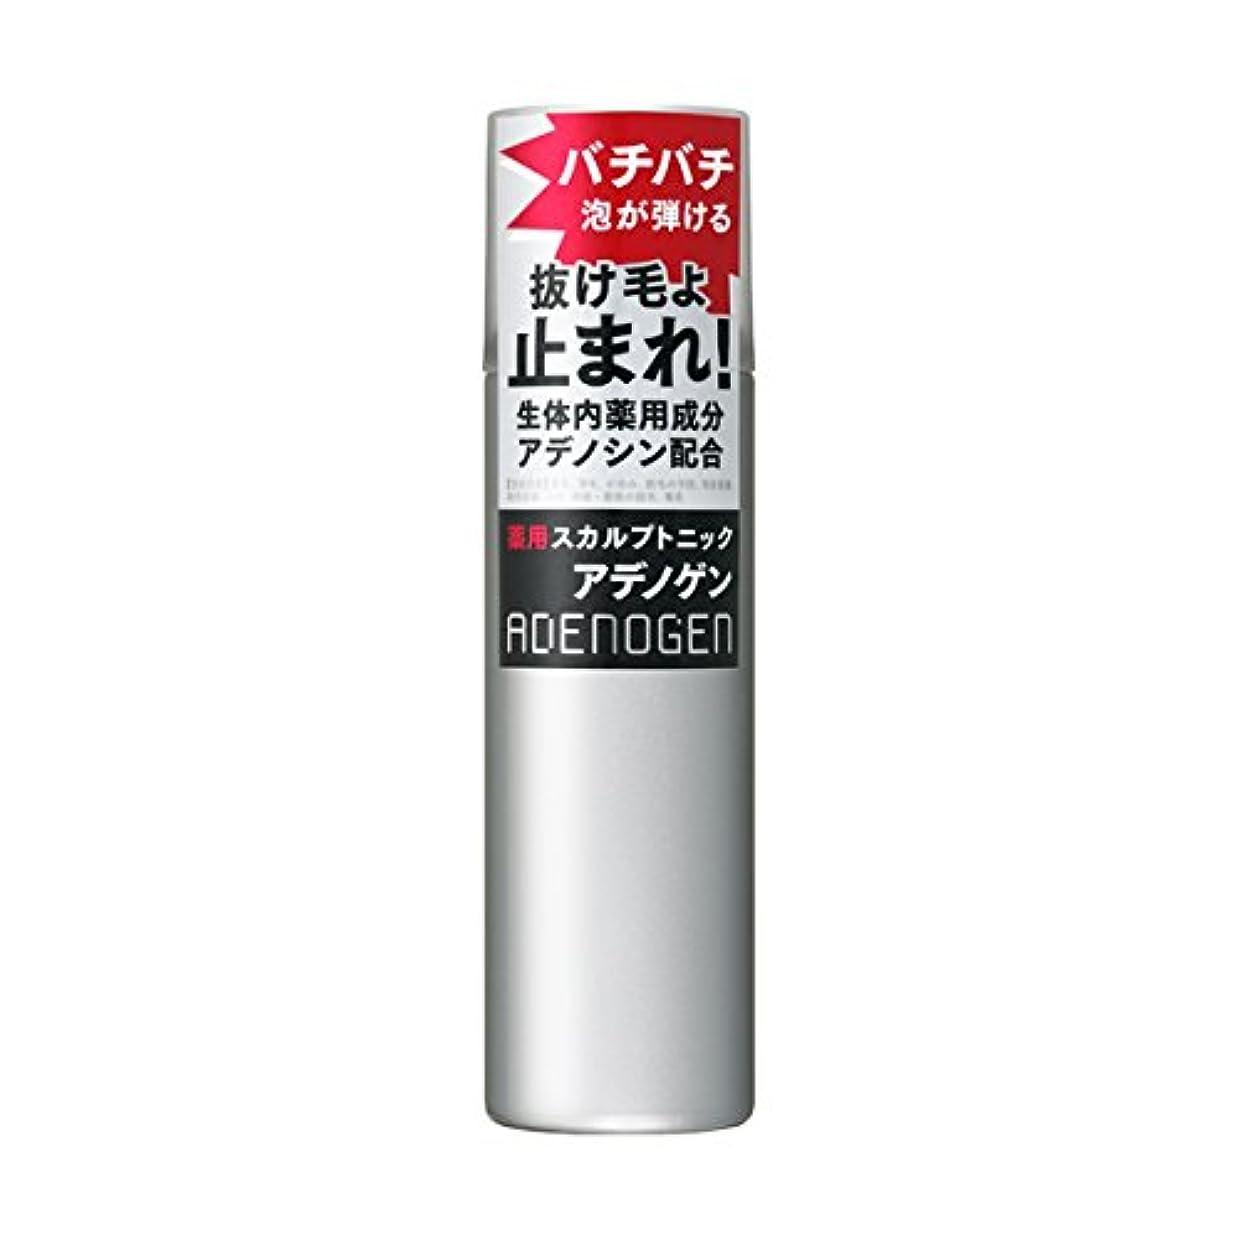 ダブルマウンド抽象アデノゲン 薬用スカルプトニック 130g 【医薬部外品】